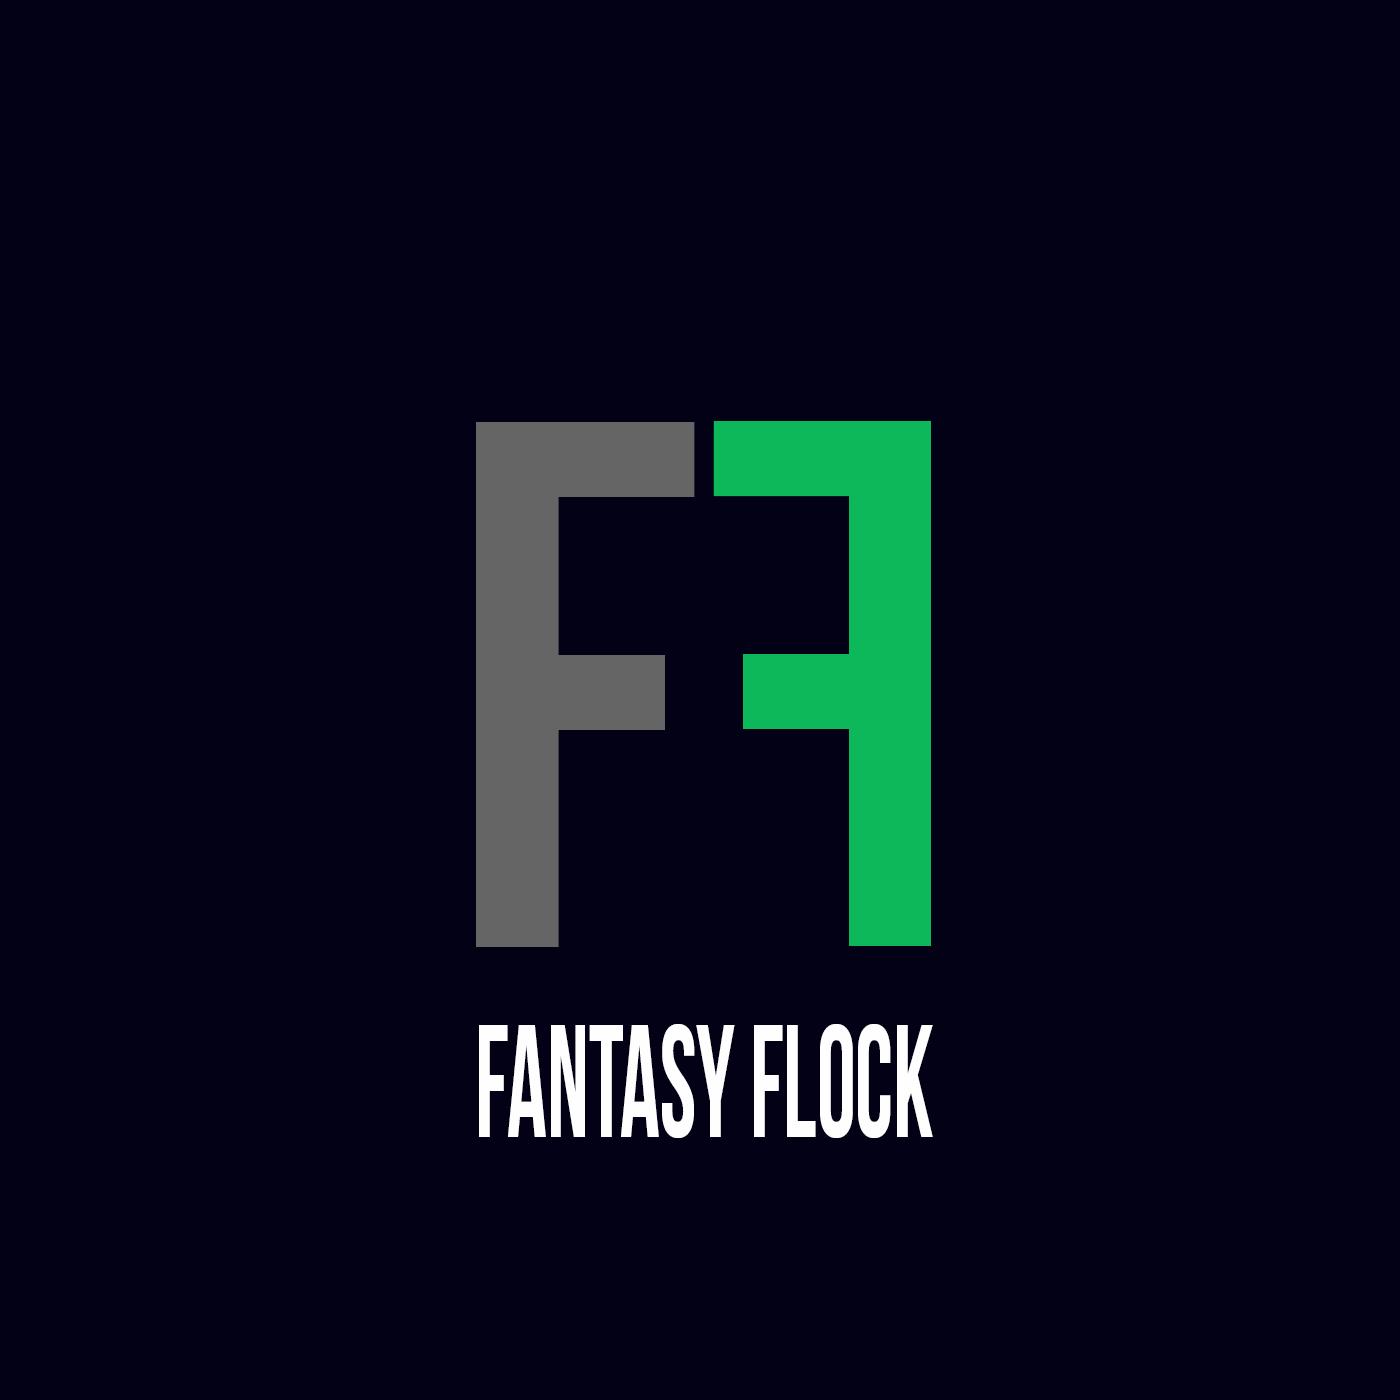 Fantasy Flock